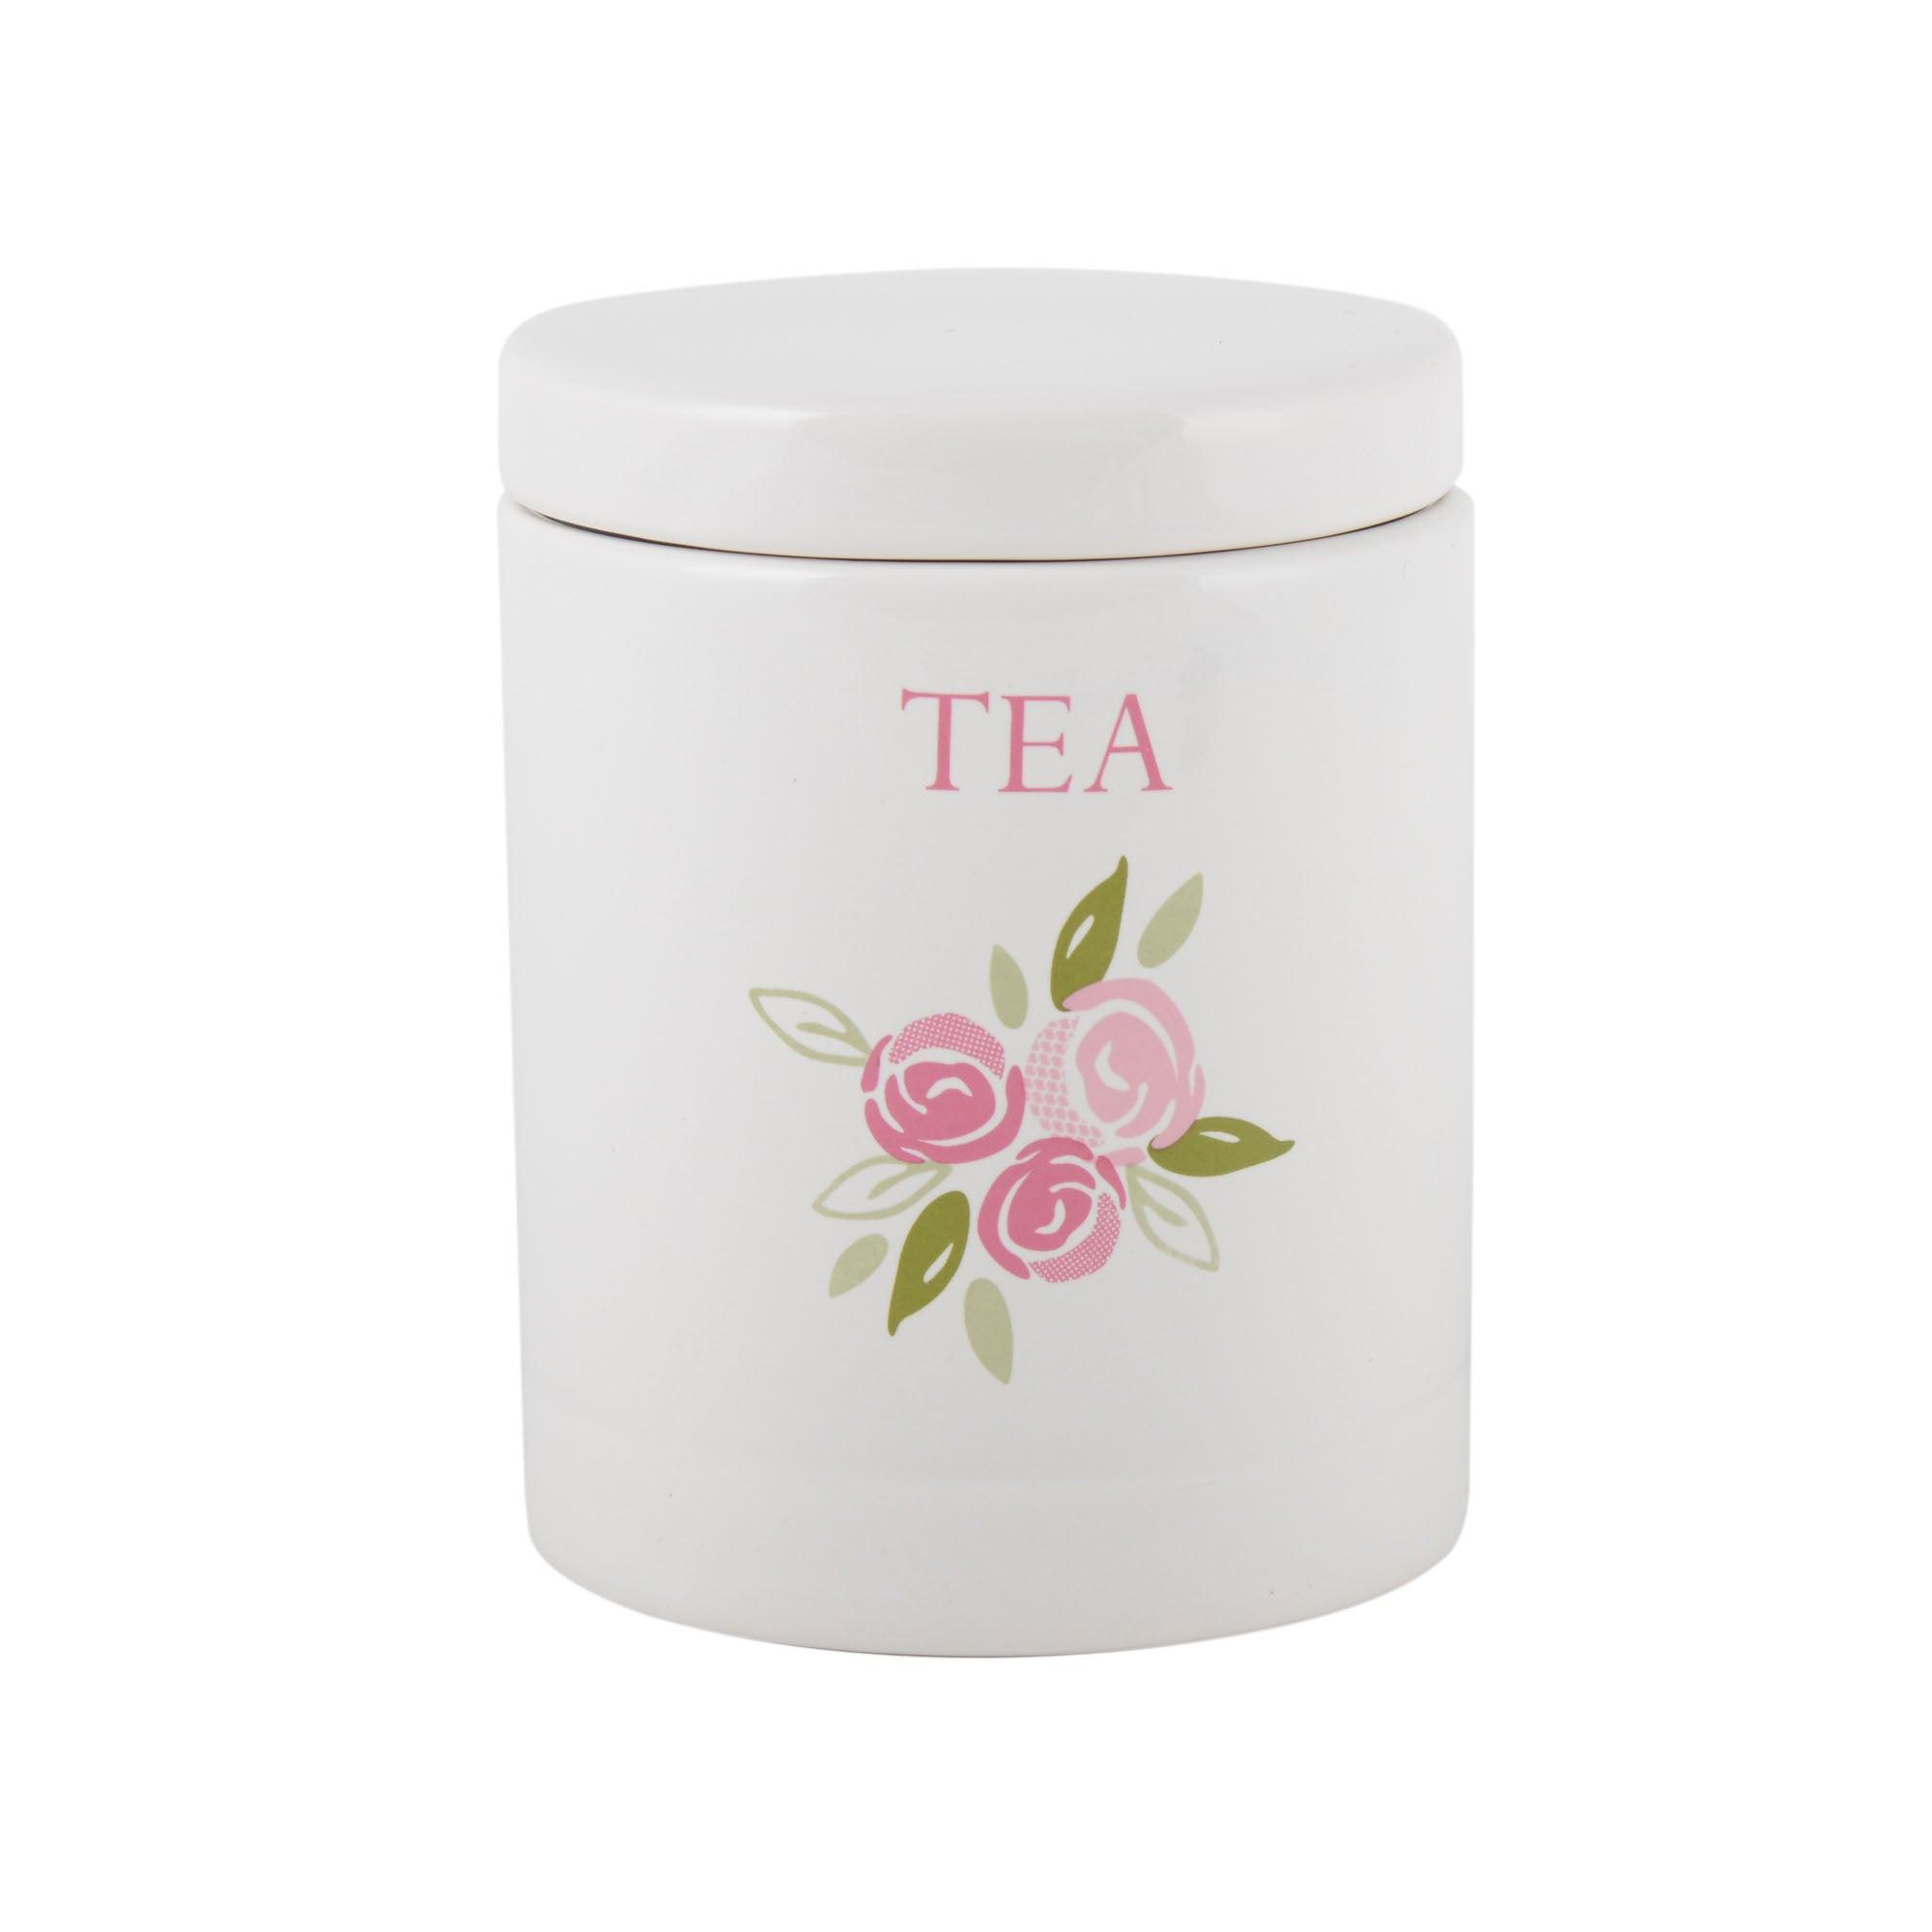 Image of Candy Rose Tea Storage Jar Pink